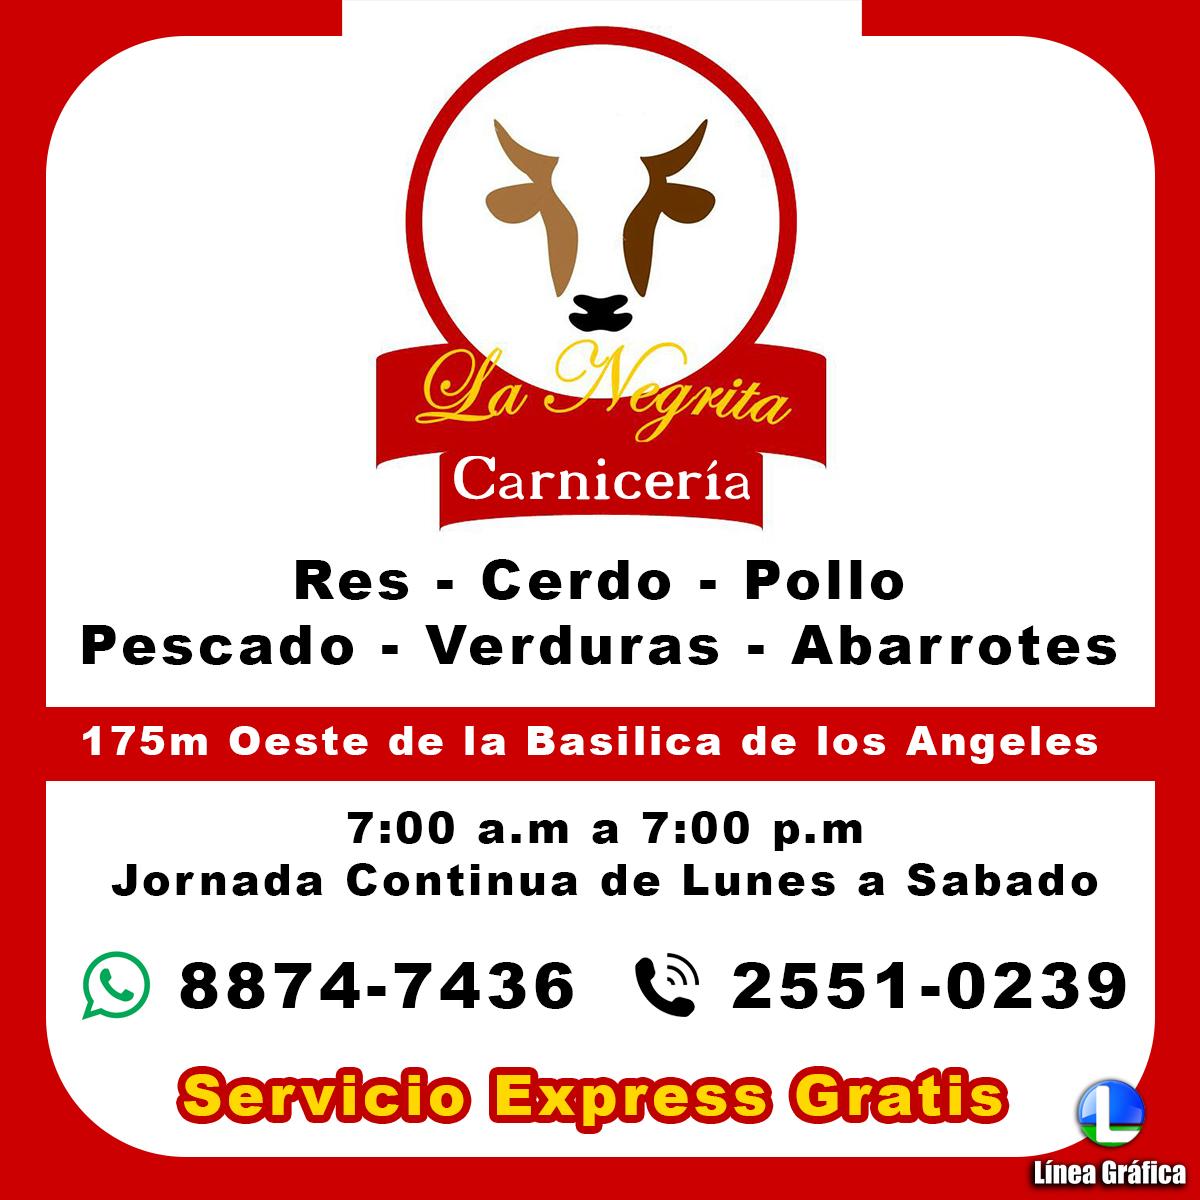 Carnicería La Negrita 88747436